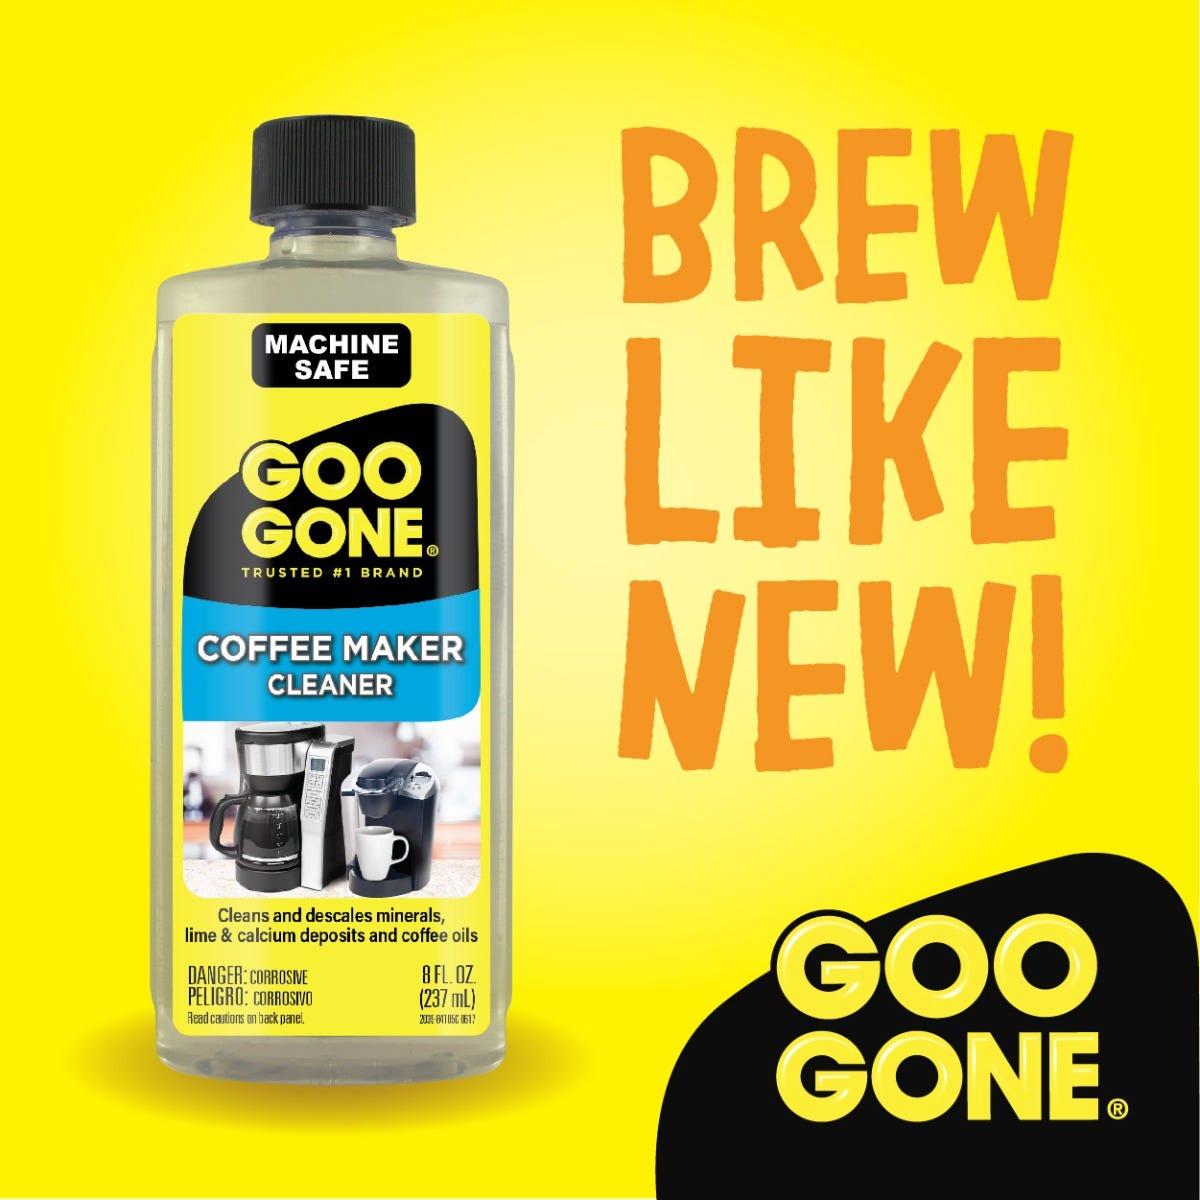 https://googone.com/media/catalog/product/c/o/coffee_maker_cleaner_likenew.jpg